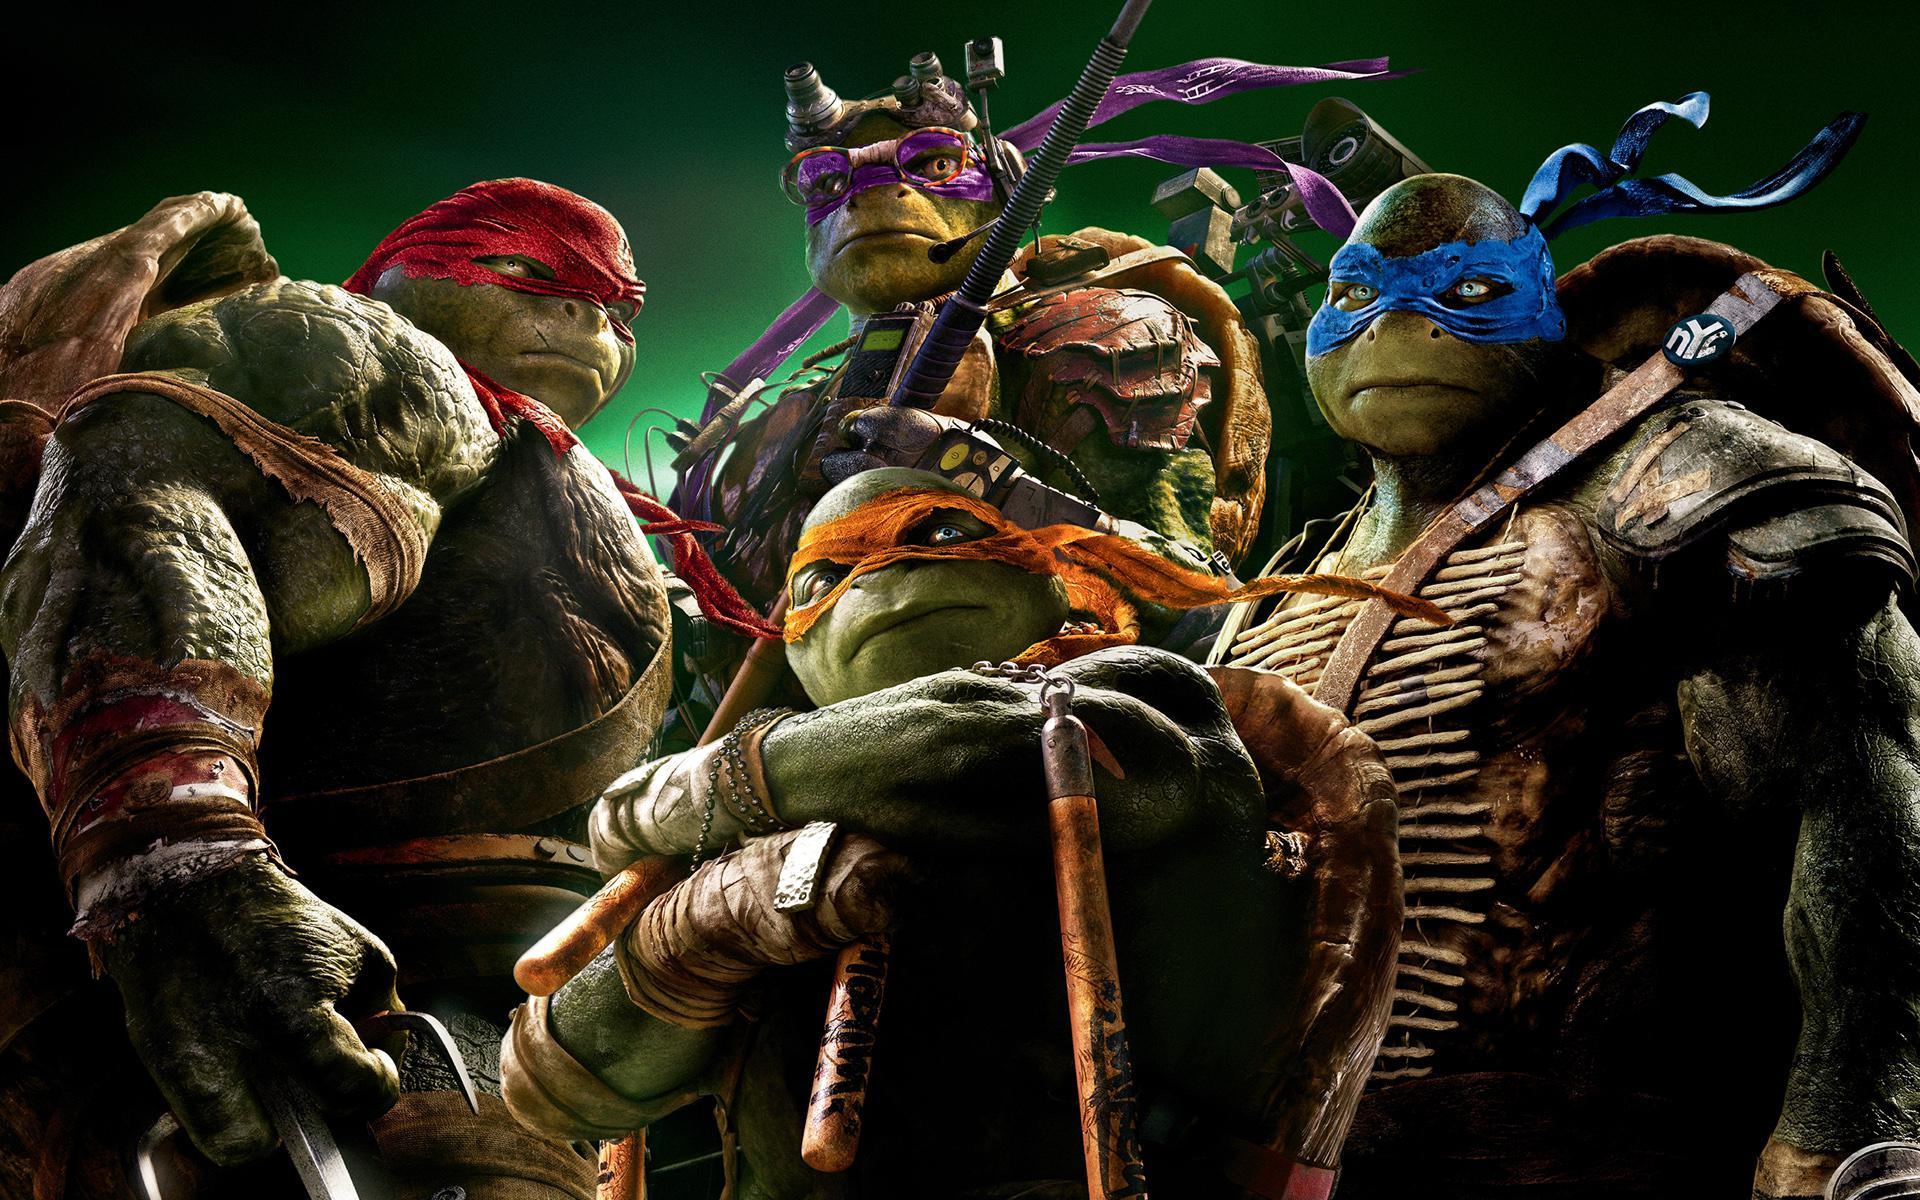 Ninja turtles wallpaper hd ninja turtles pictures teenage mutant ninja